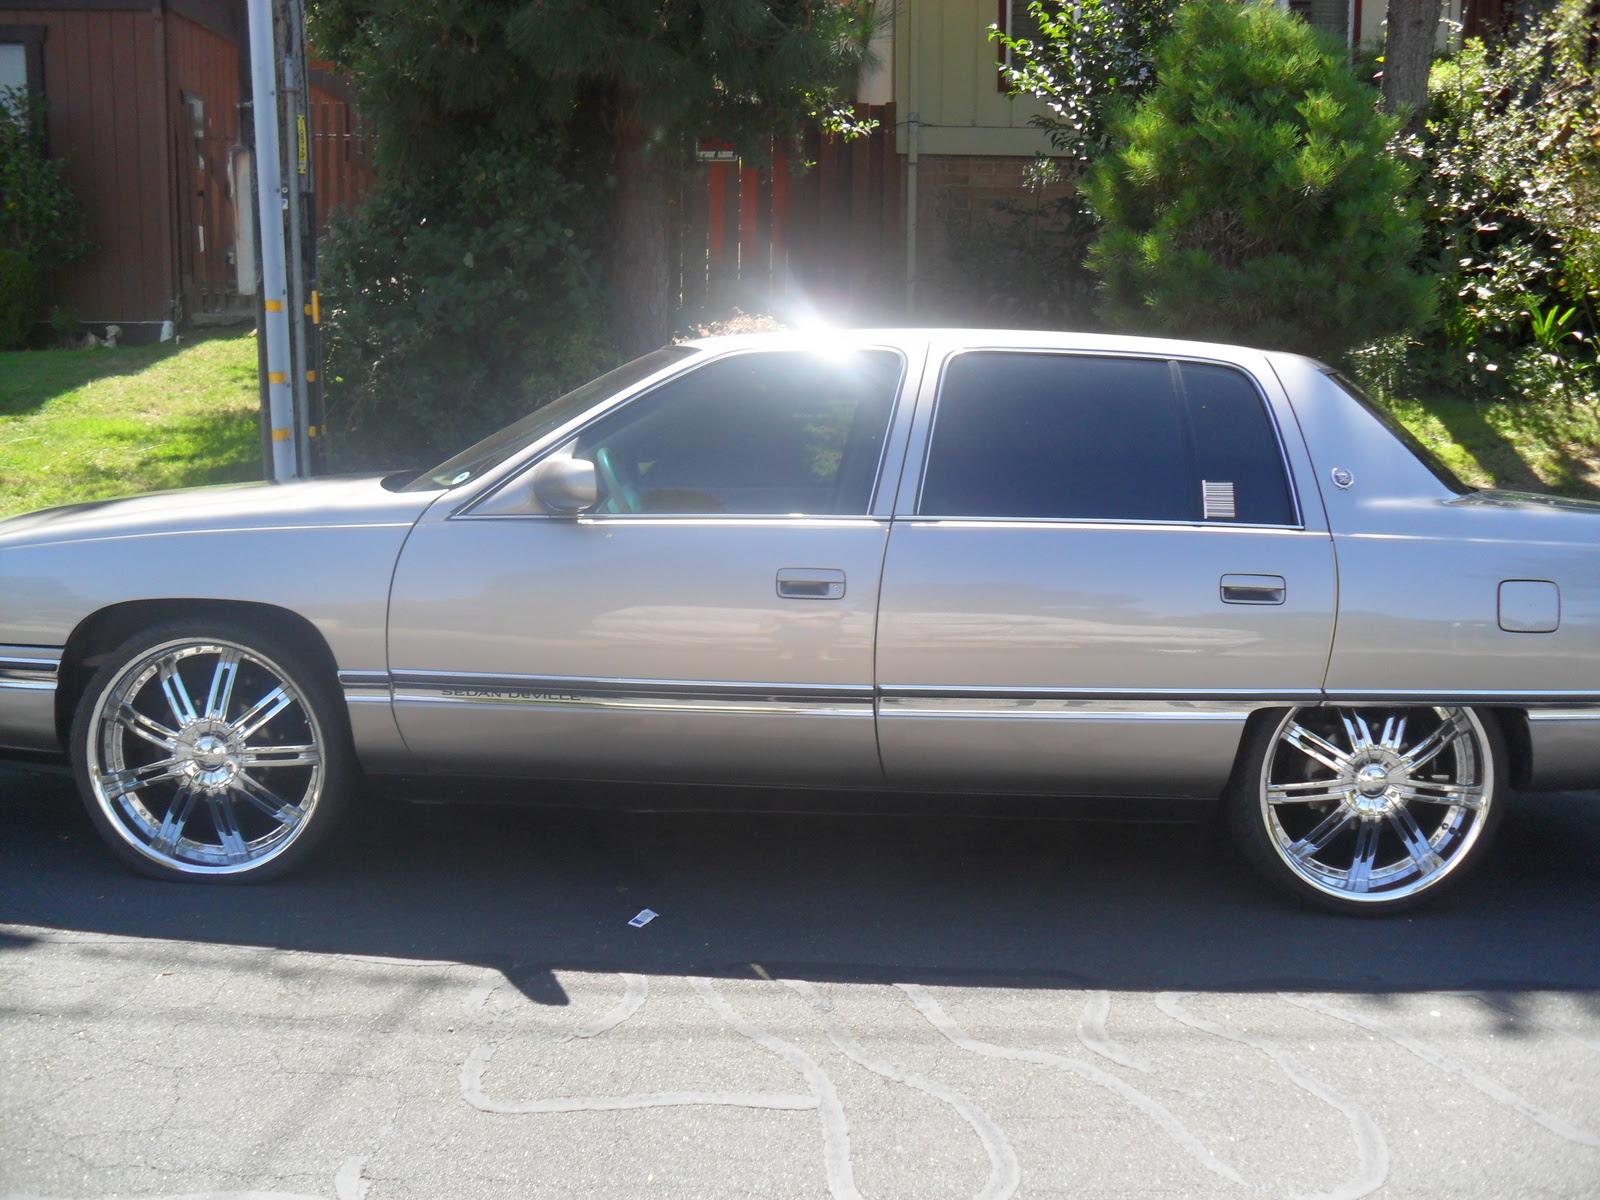 1995 Cadillac DeVille - Pictures - CarGurus